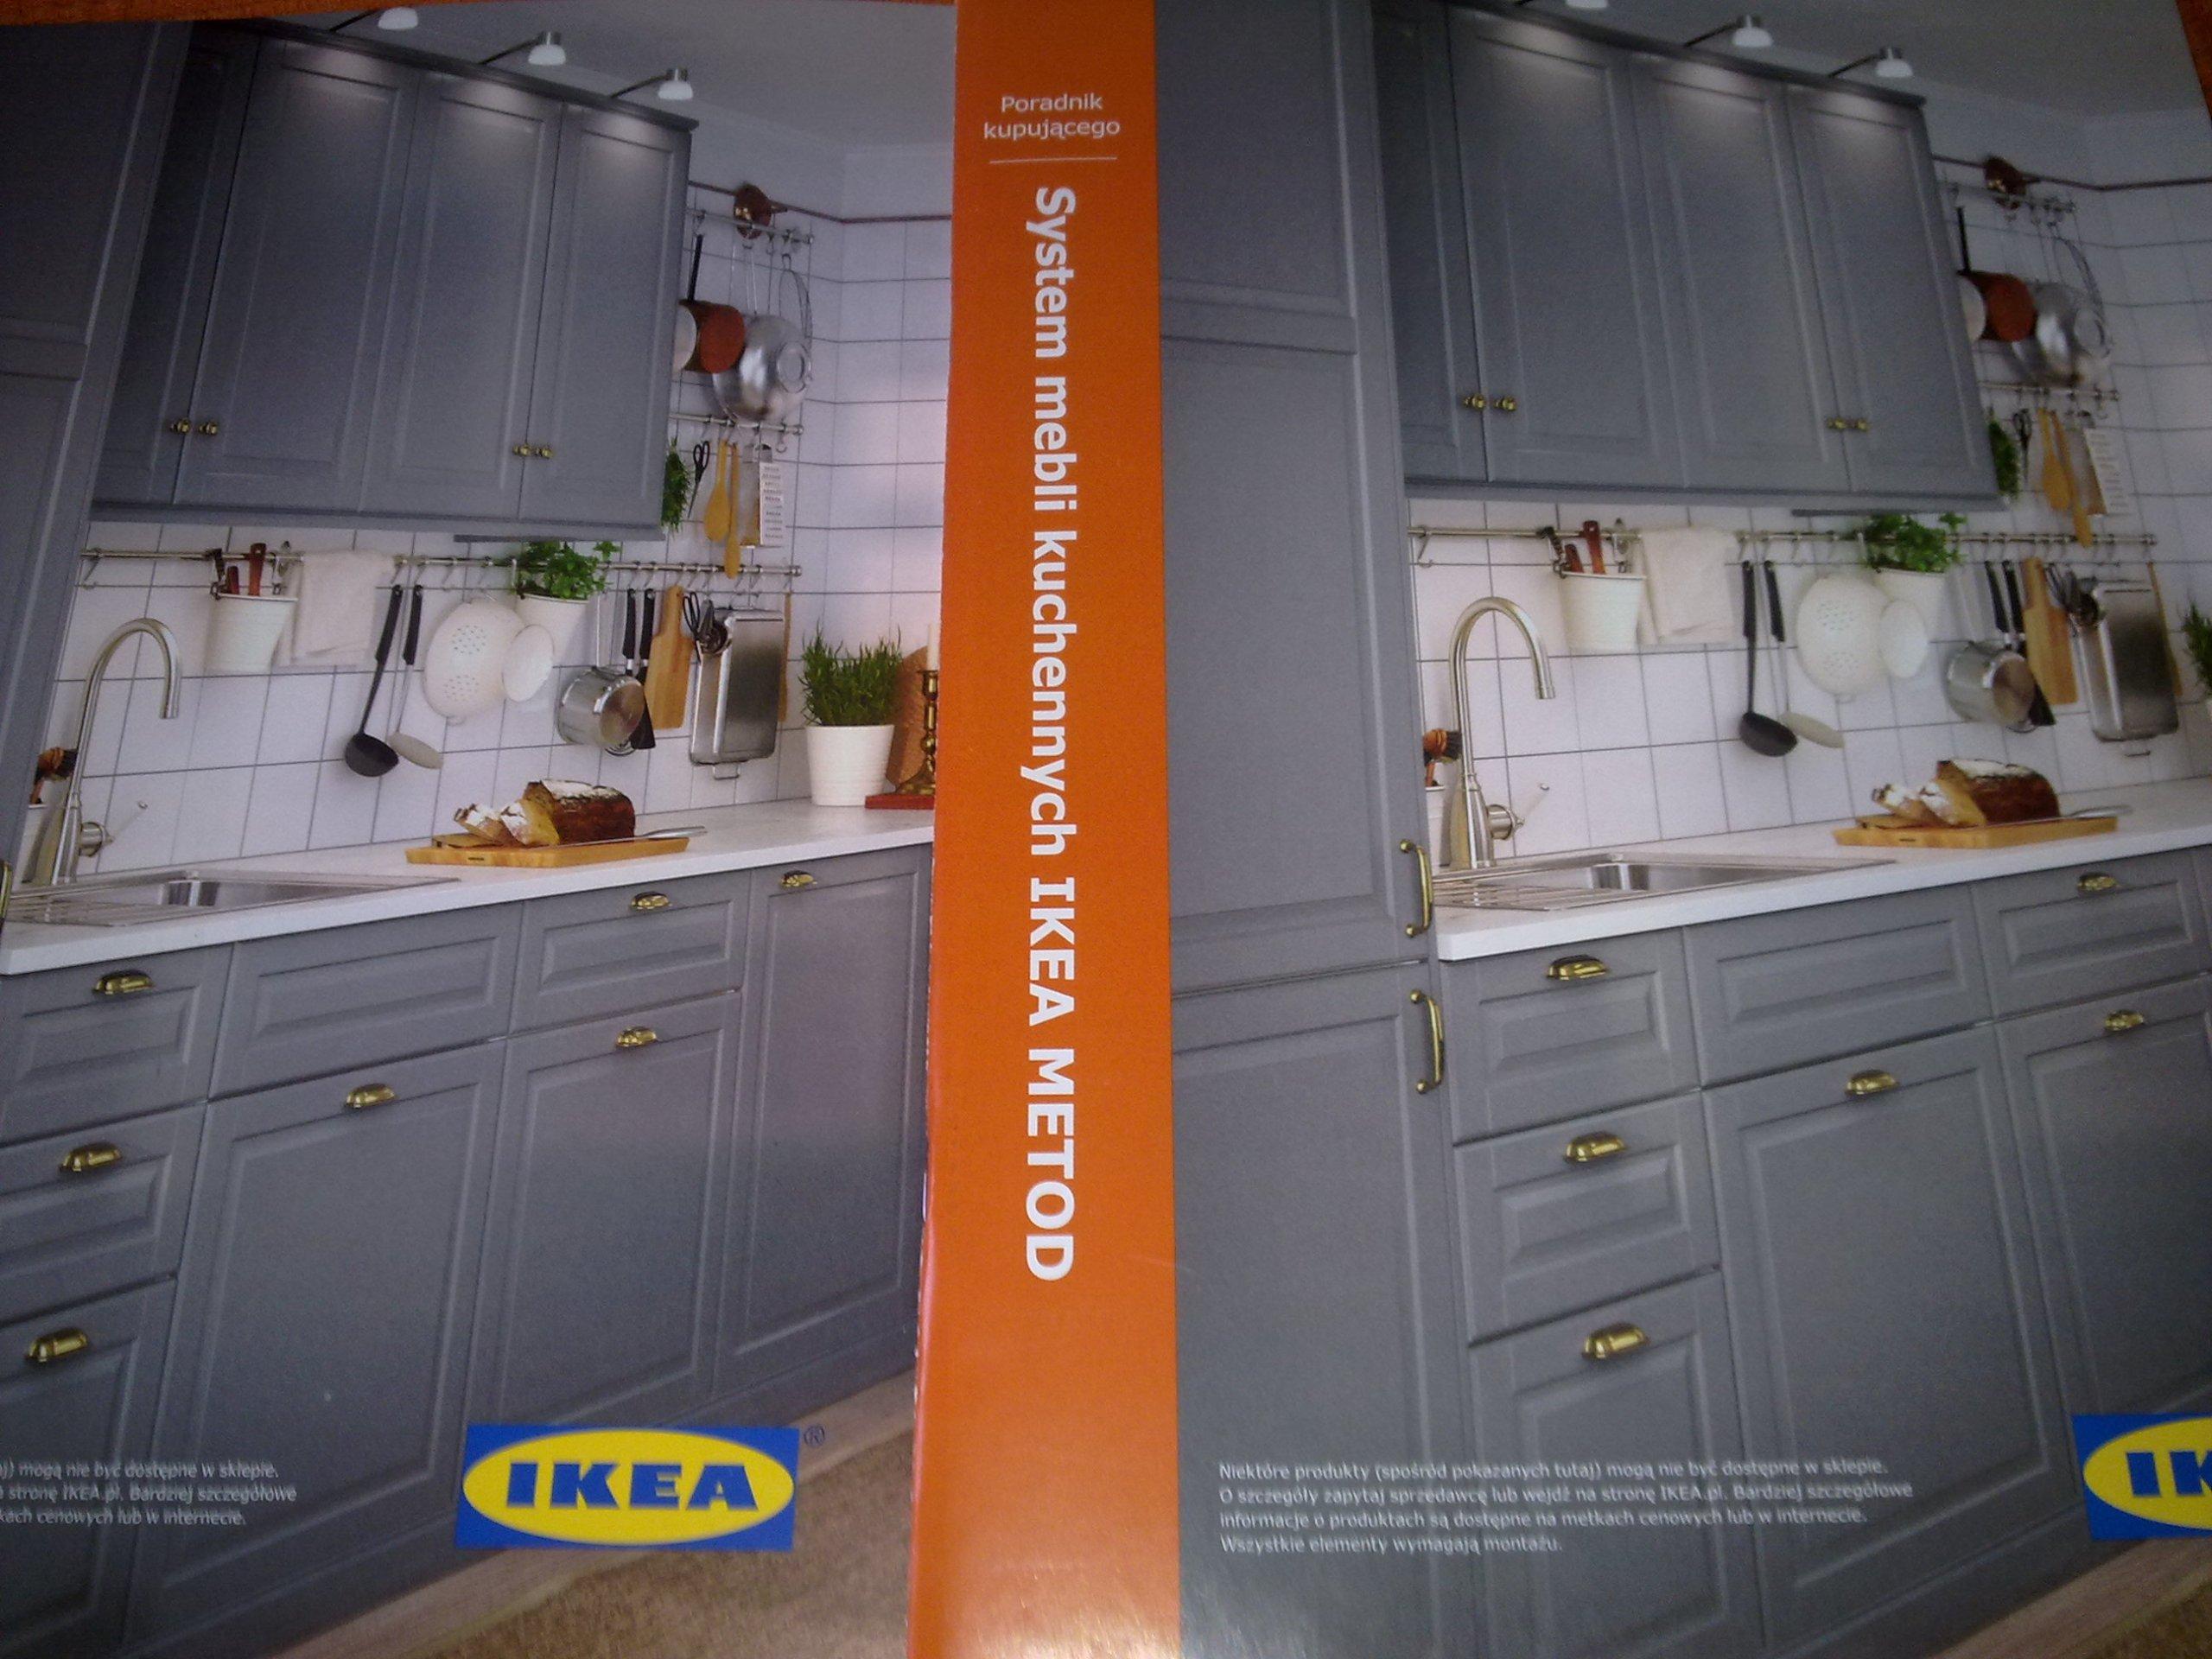 Katalog Ikea System Mebli Kuchennych Metod 2018 7255106928